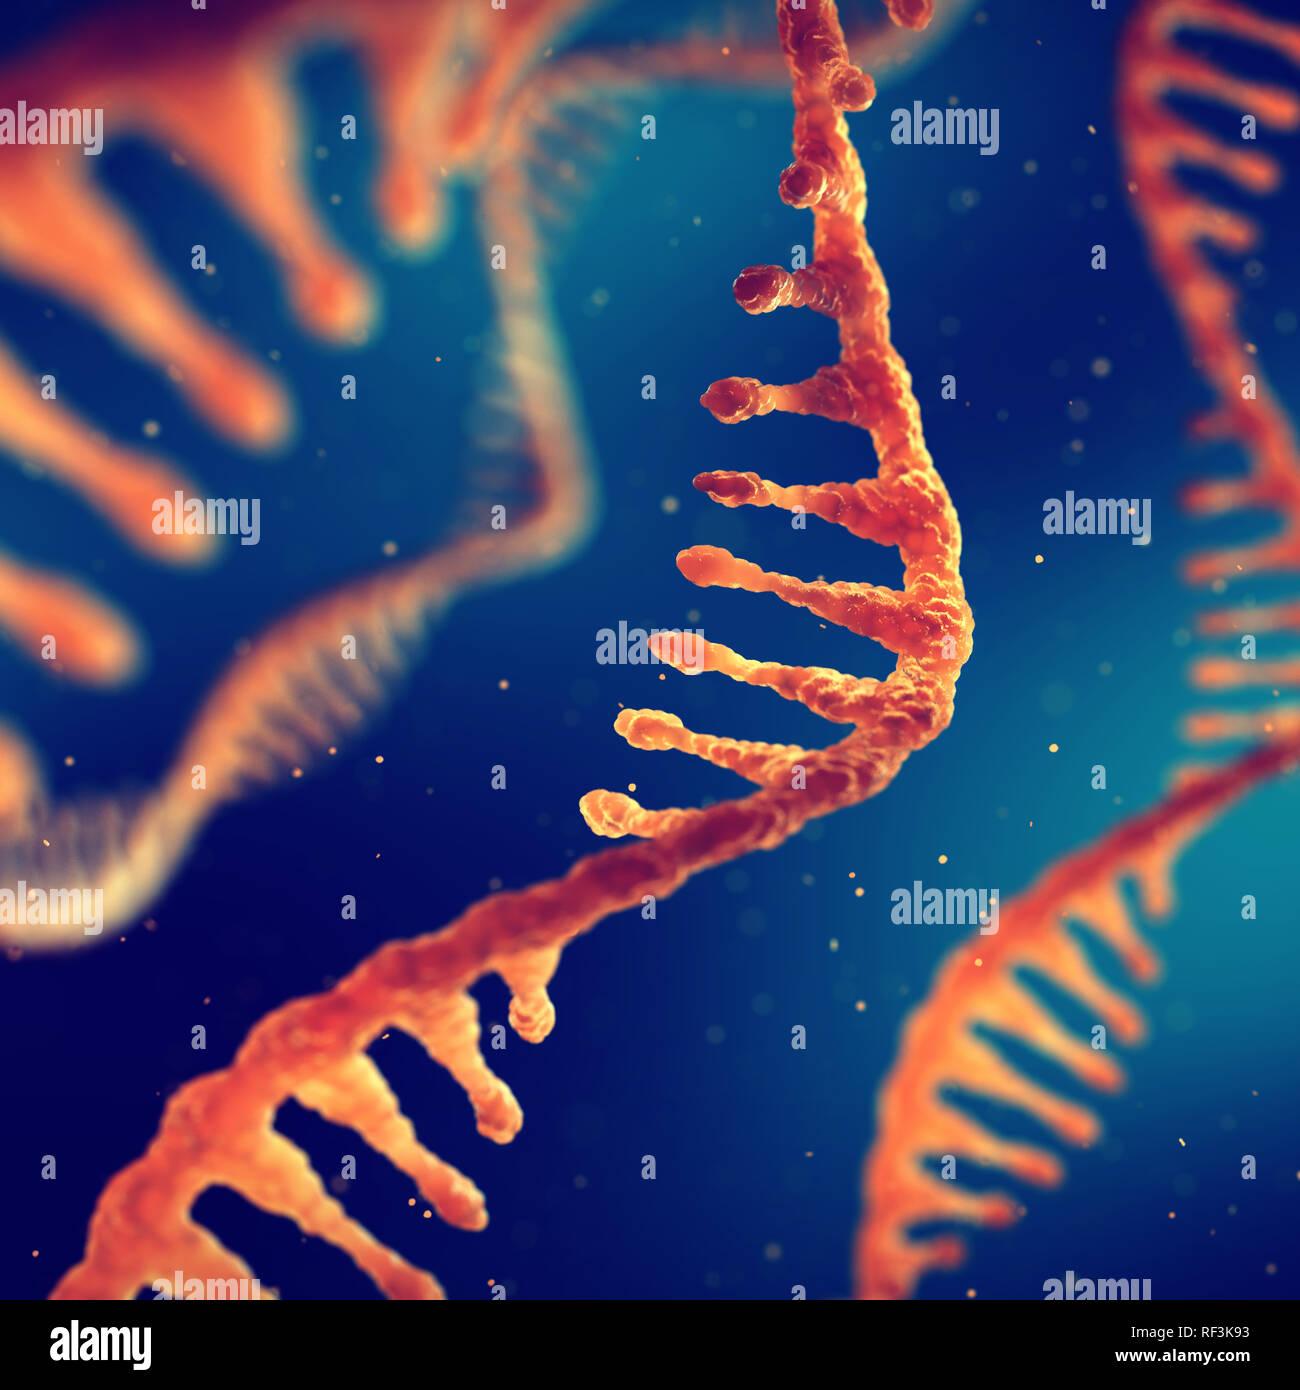 Hilo único ácido ribonucleico, ARN tratamiento e investigación Foto de stock